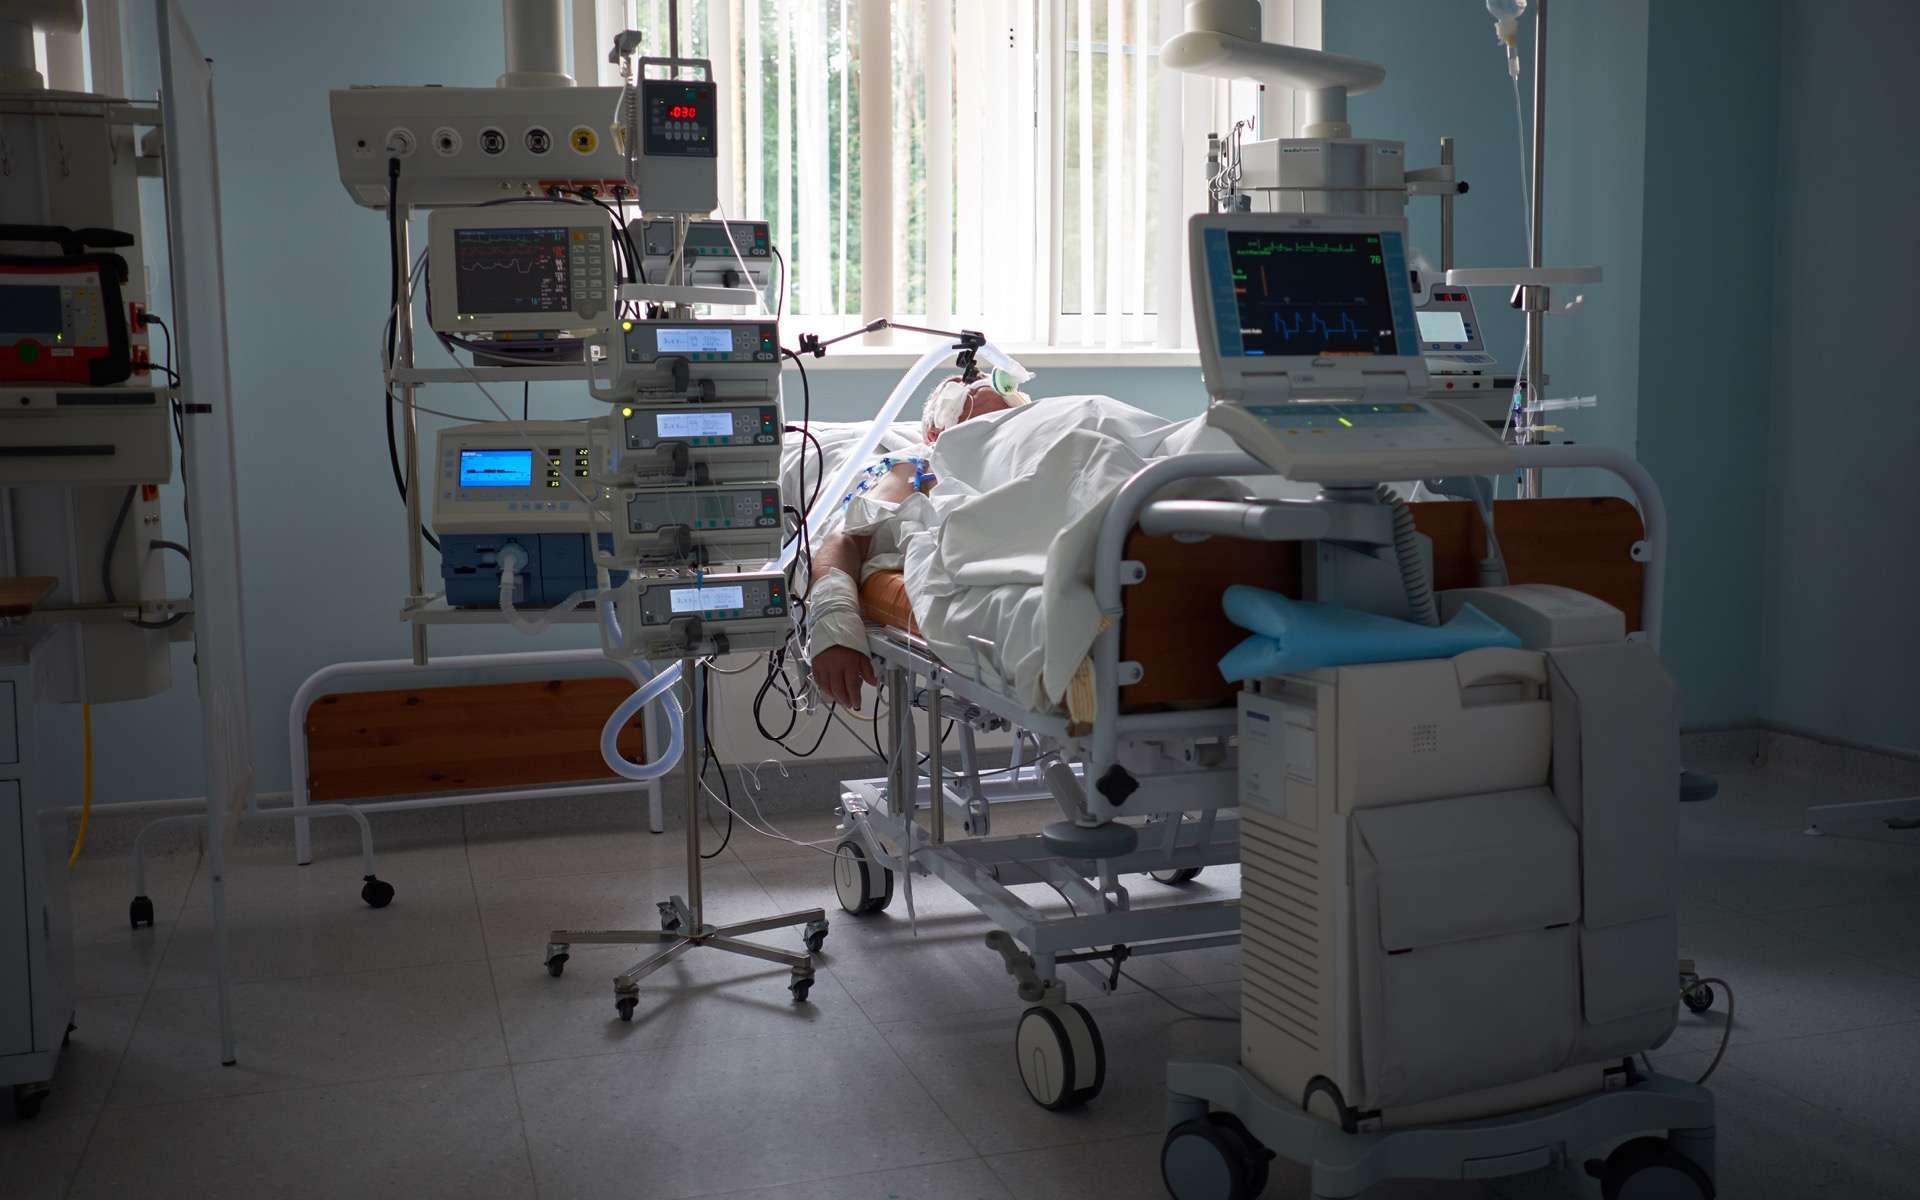 La Covid-19 a un taux de mortalité 3 fois plus élevé que la grippe saisonnière. © Kiryl Lis, Adobe Stock